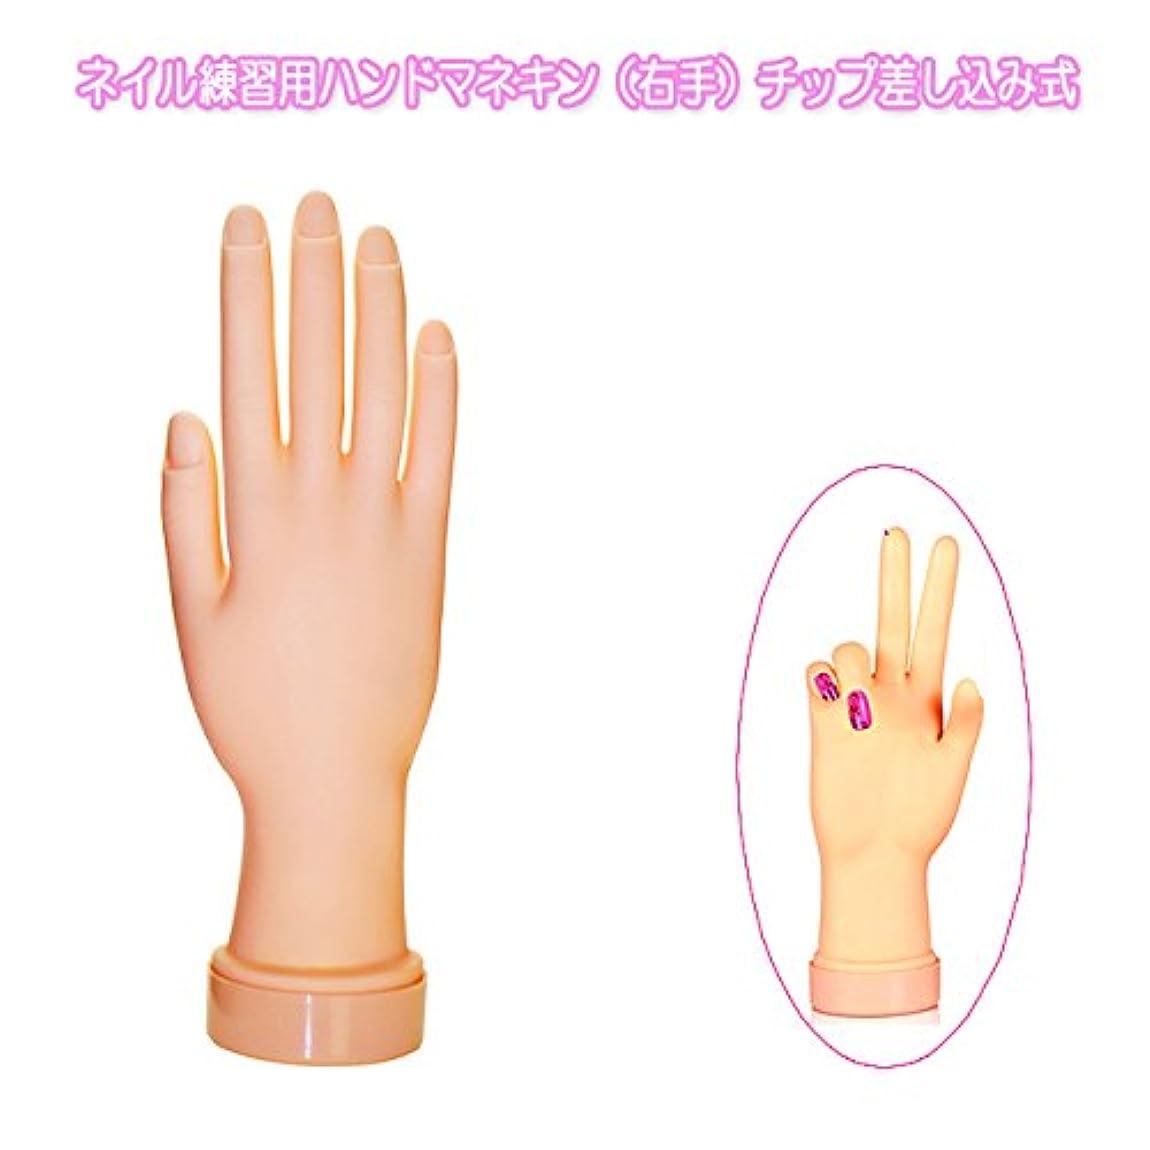 ネイル練習用ハンドマネキン(右手)チップ差し込み式